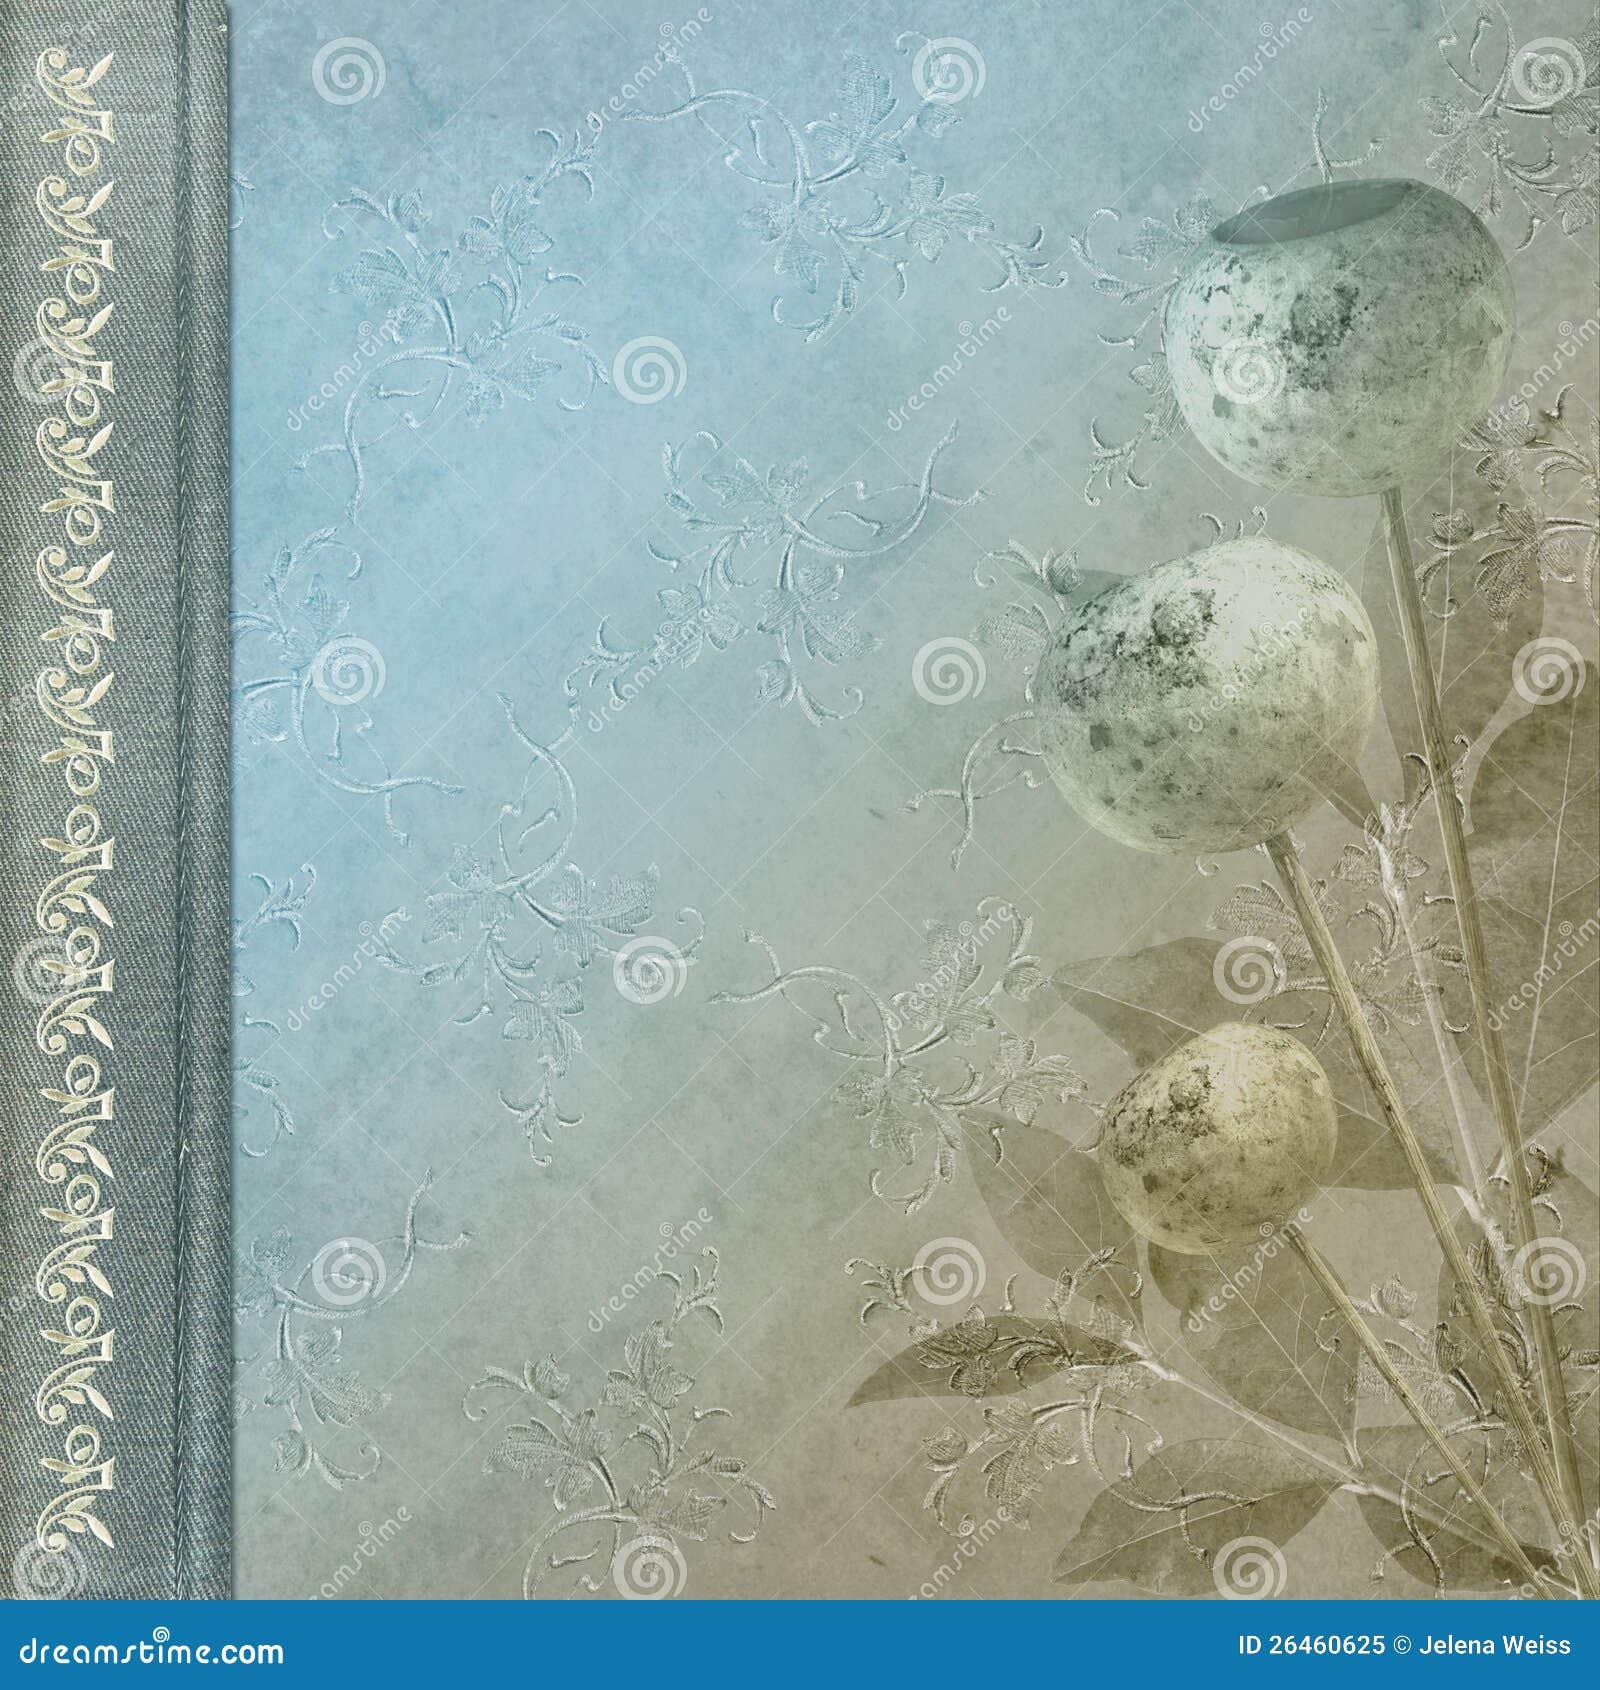 stock photo album cover - photo #14